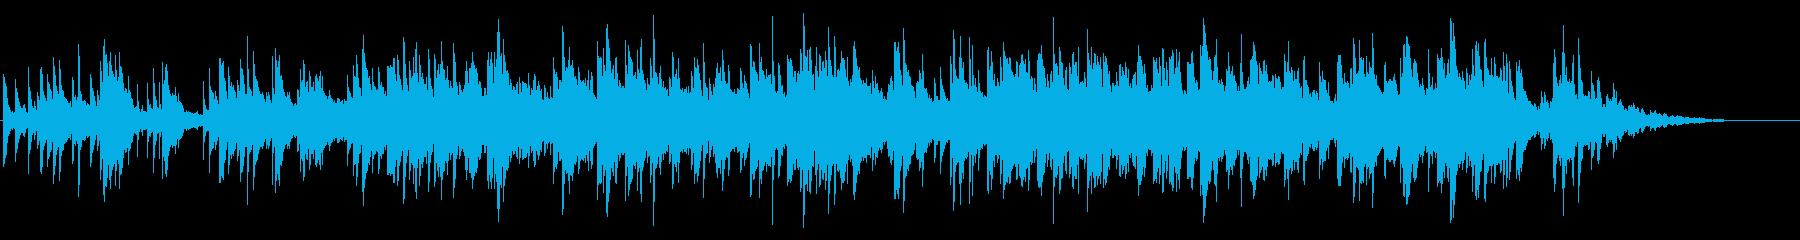 映画のエンドロール風 ゴシック調ピアノの再生済みの波形